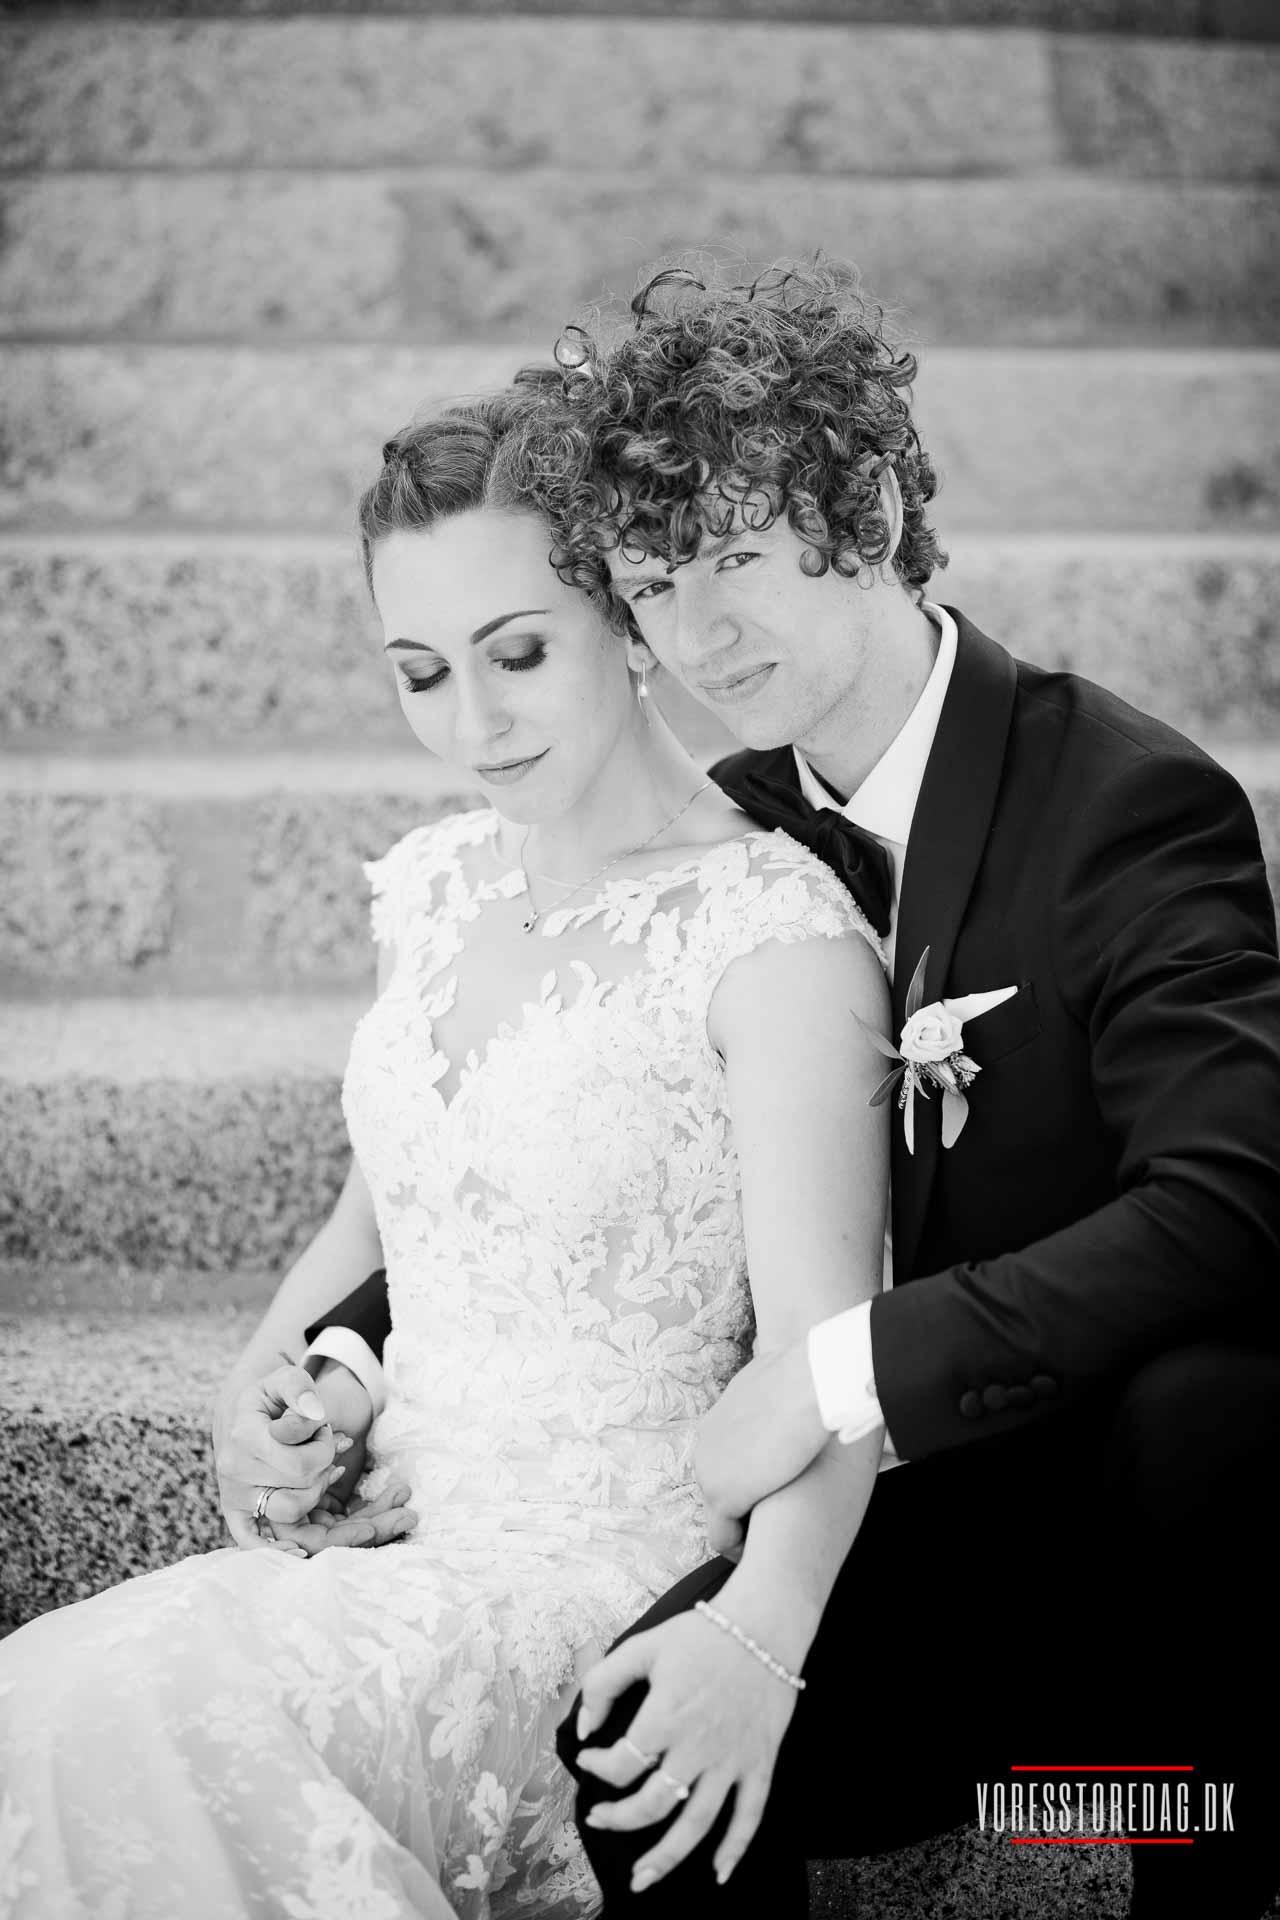 Bryllup foto - Billeder i højeste kvalitet - Foto